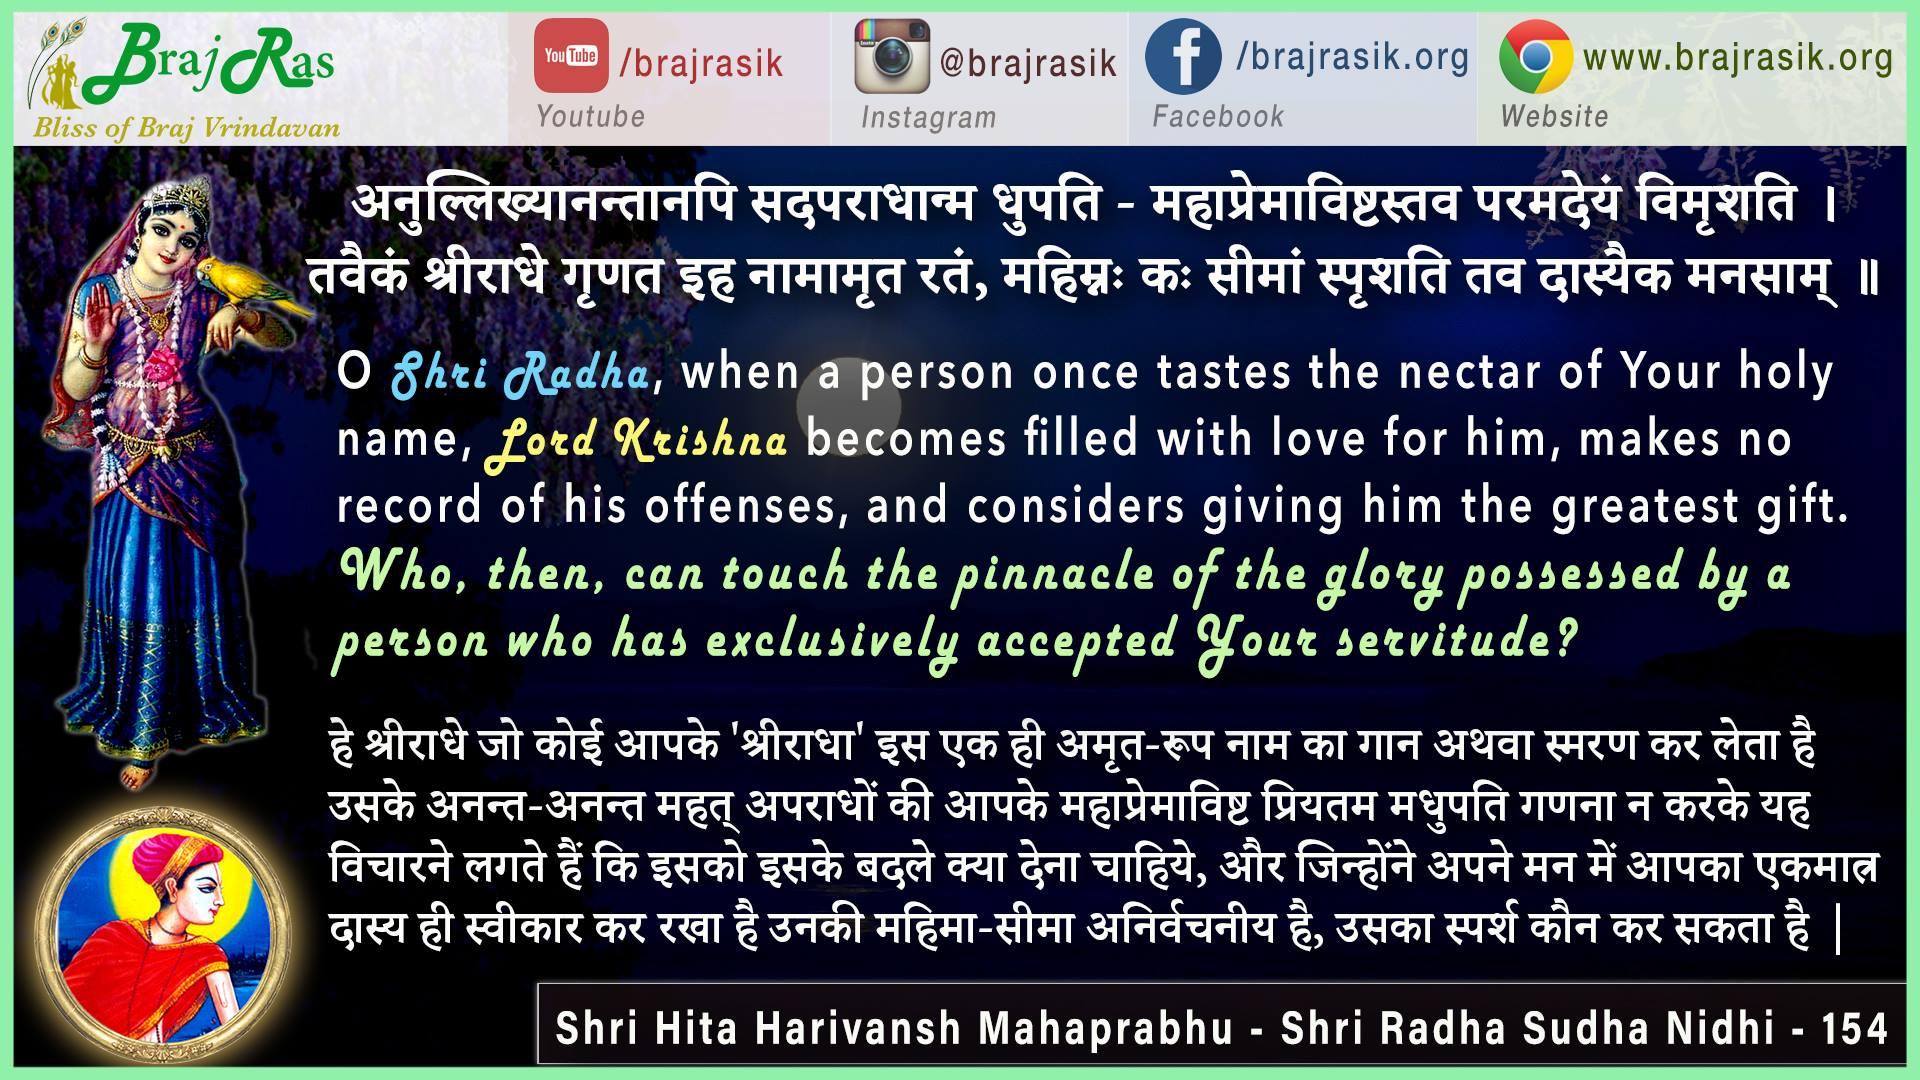 """""""Anulikhiyantanapi Sadap Radha Nam Dhupati"""" - Shri Hita Harivansh Mahaprabhu - Shri Radha Sudha Nidhi"""